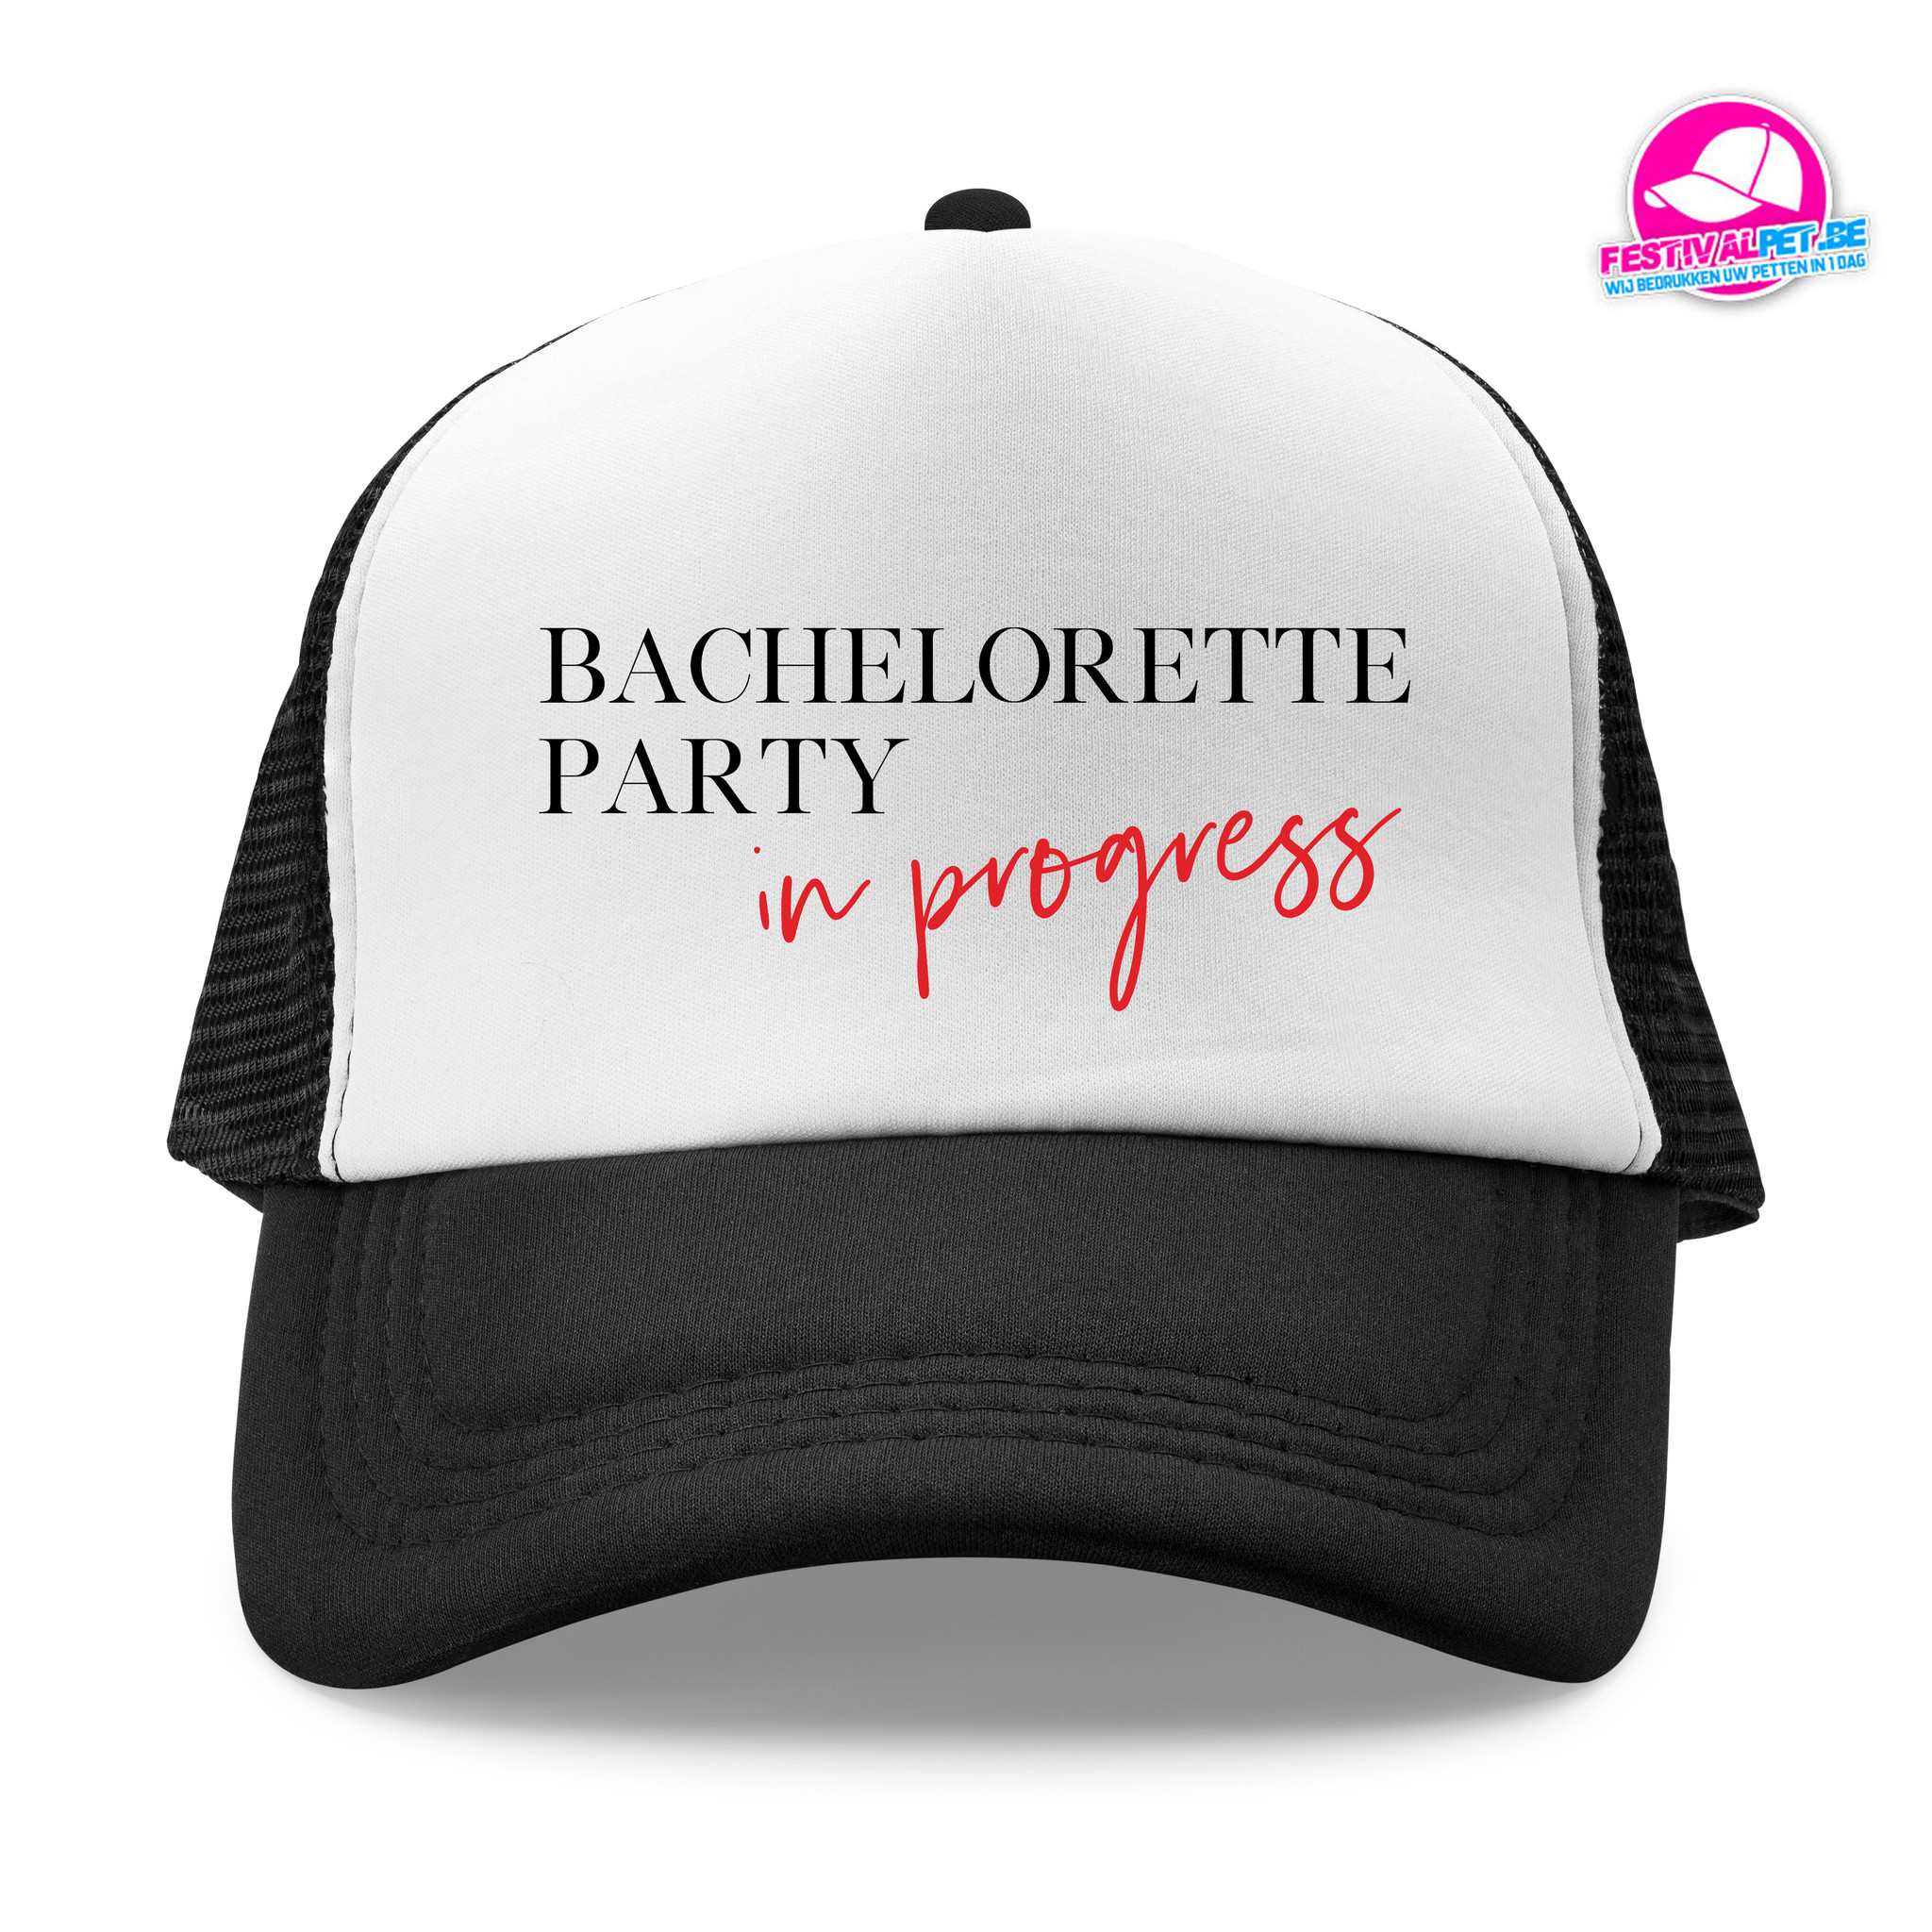 Bachlorette party in progress